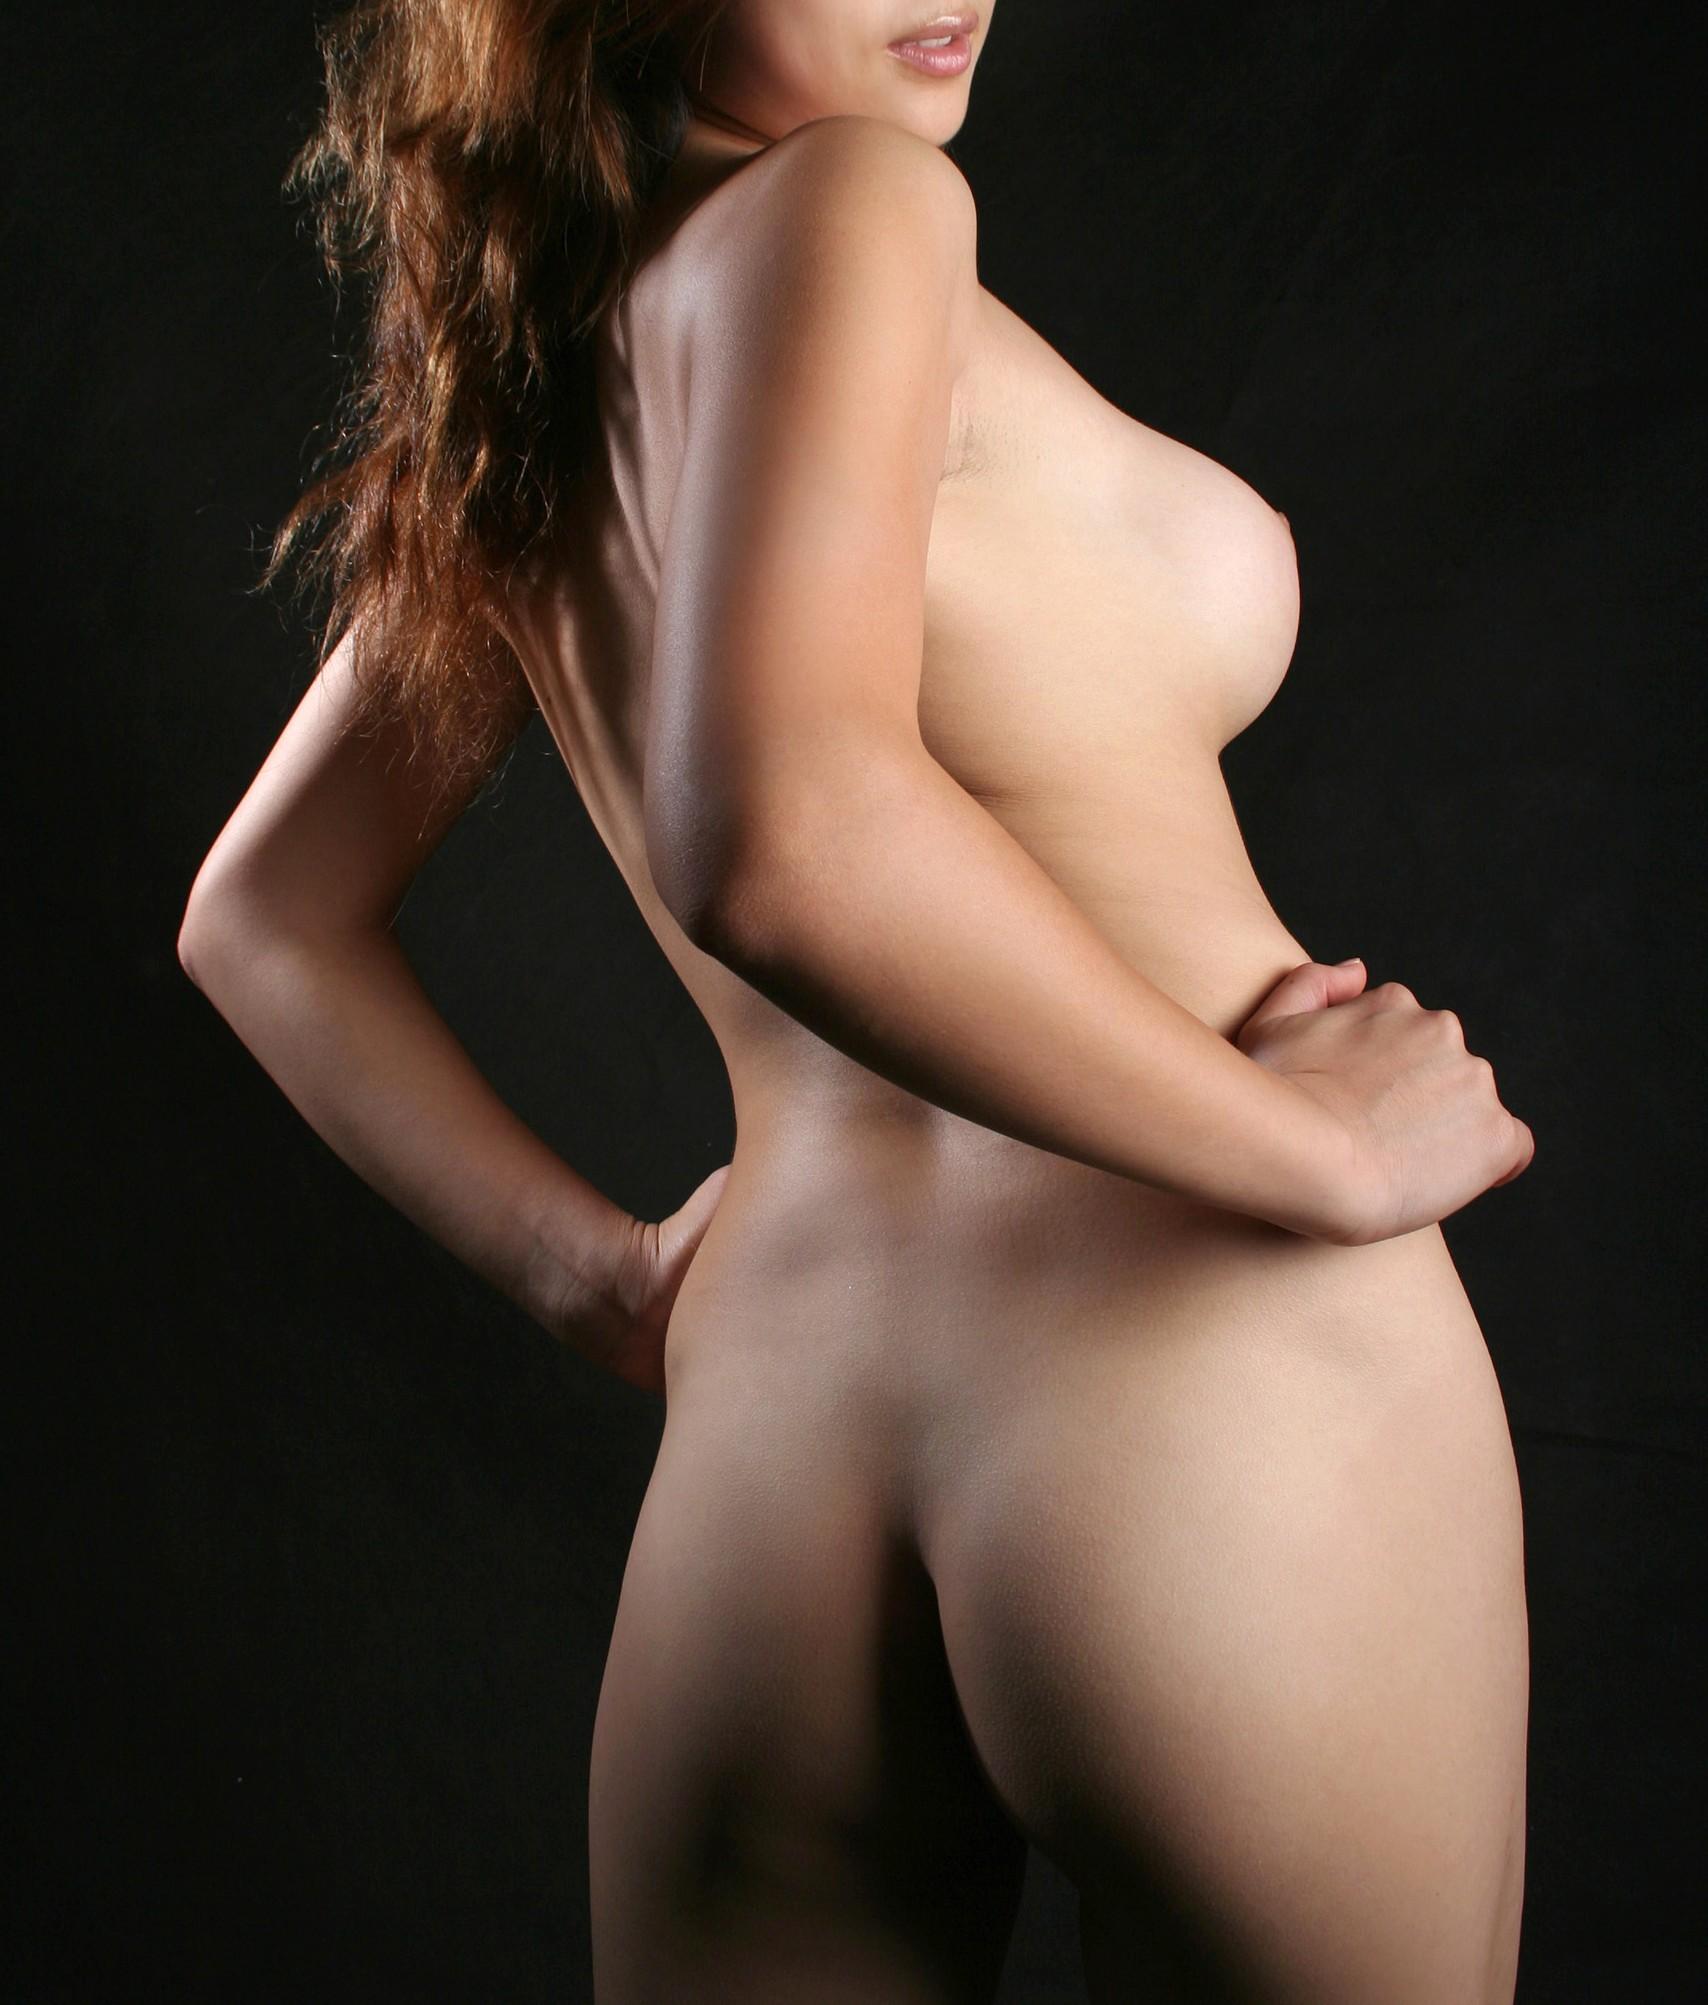 【後ろ姿エロ画像】背骨からワレメにかけて舌を…綺麗すぎる美女の背中とお尻(;´Д`)